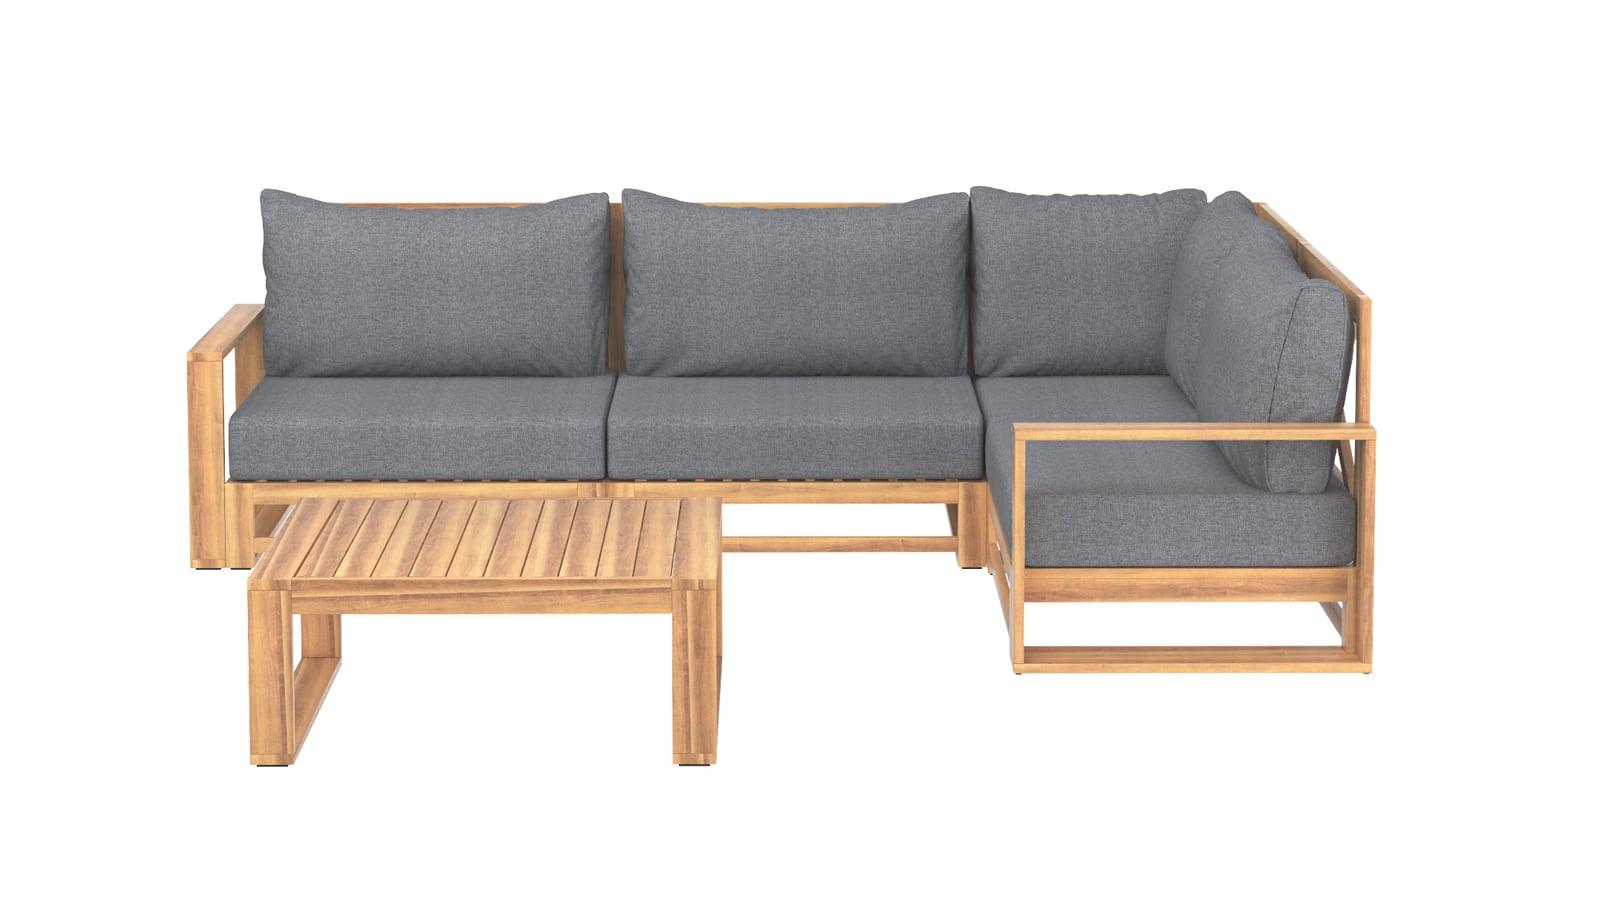 Salon de jardin 4 places en bois d'acacia